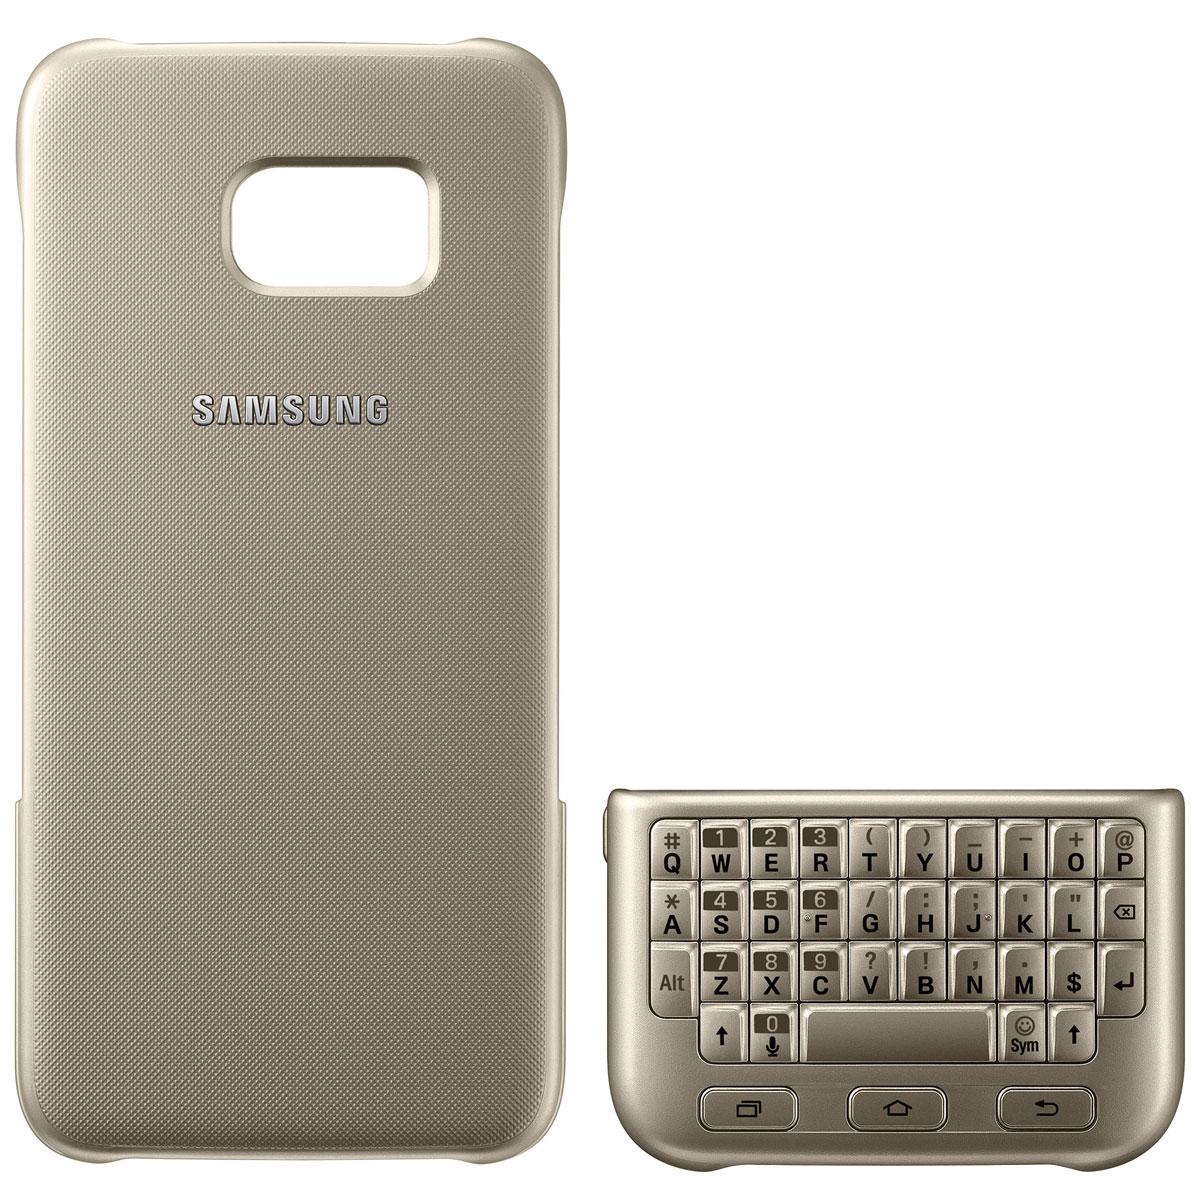 Samsung EJ-CG935 Keyboard Cover чехол-клавиатура для Galaxy S7 Edge, Gold чехол для смартфона samsung для galaxy s6 edge plus keyboard cover s6 edge черный ej cg928rbegru ej cg928rbegru